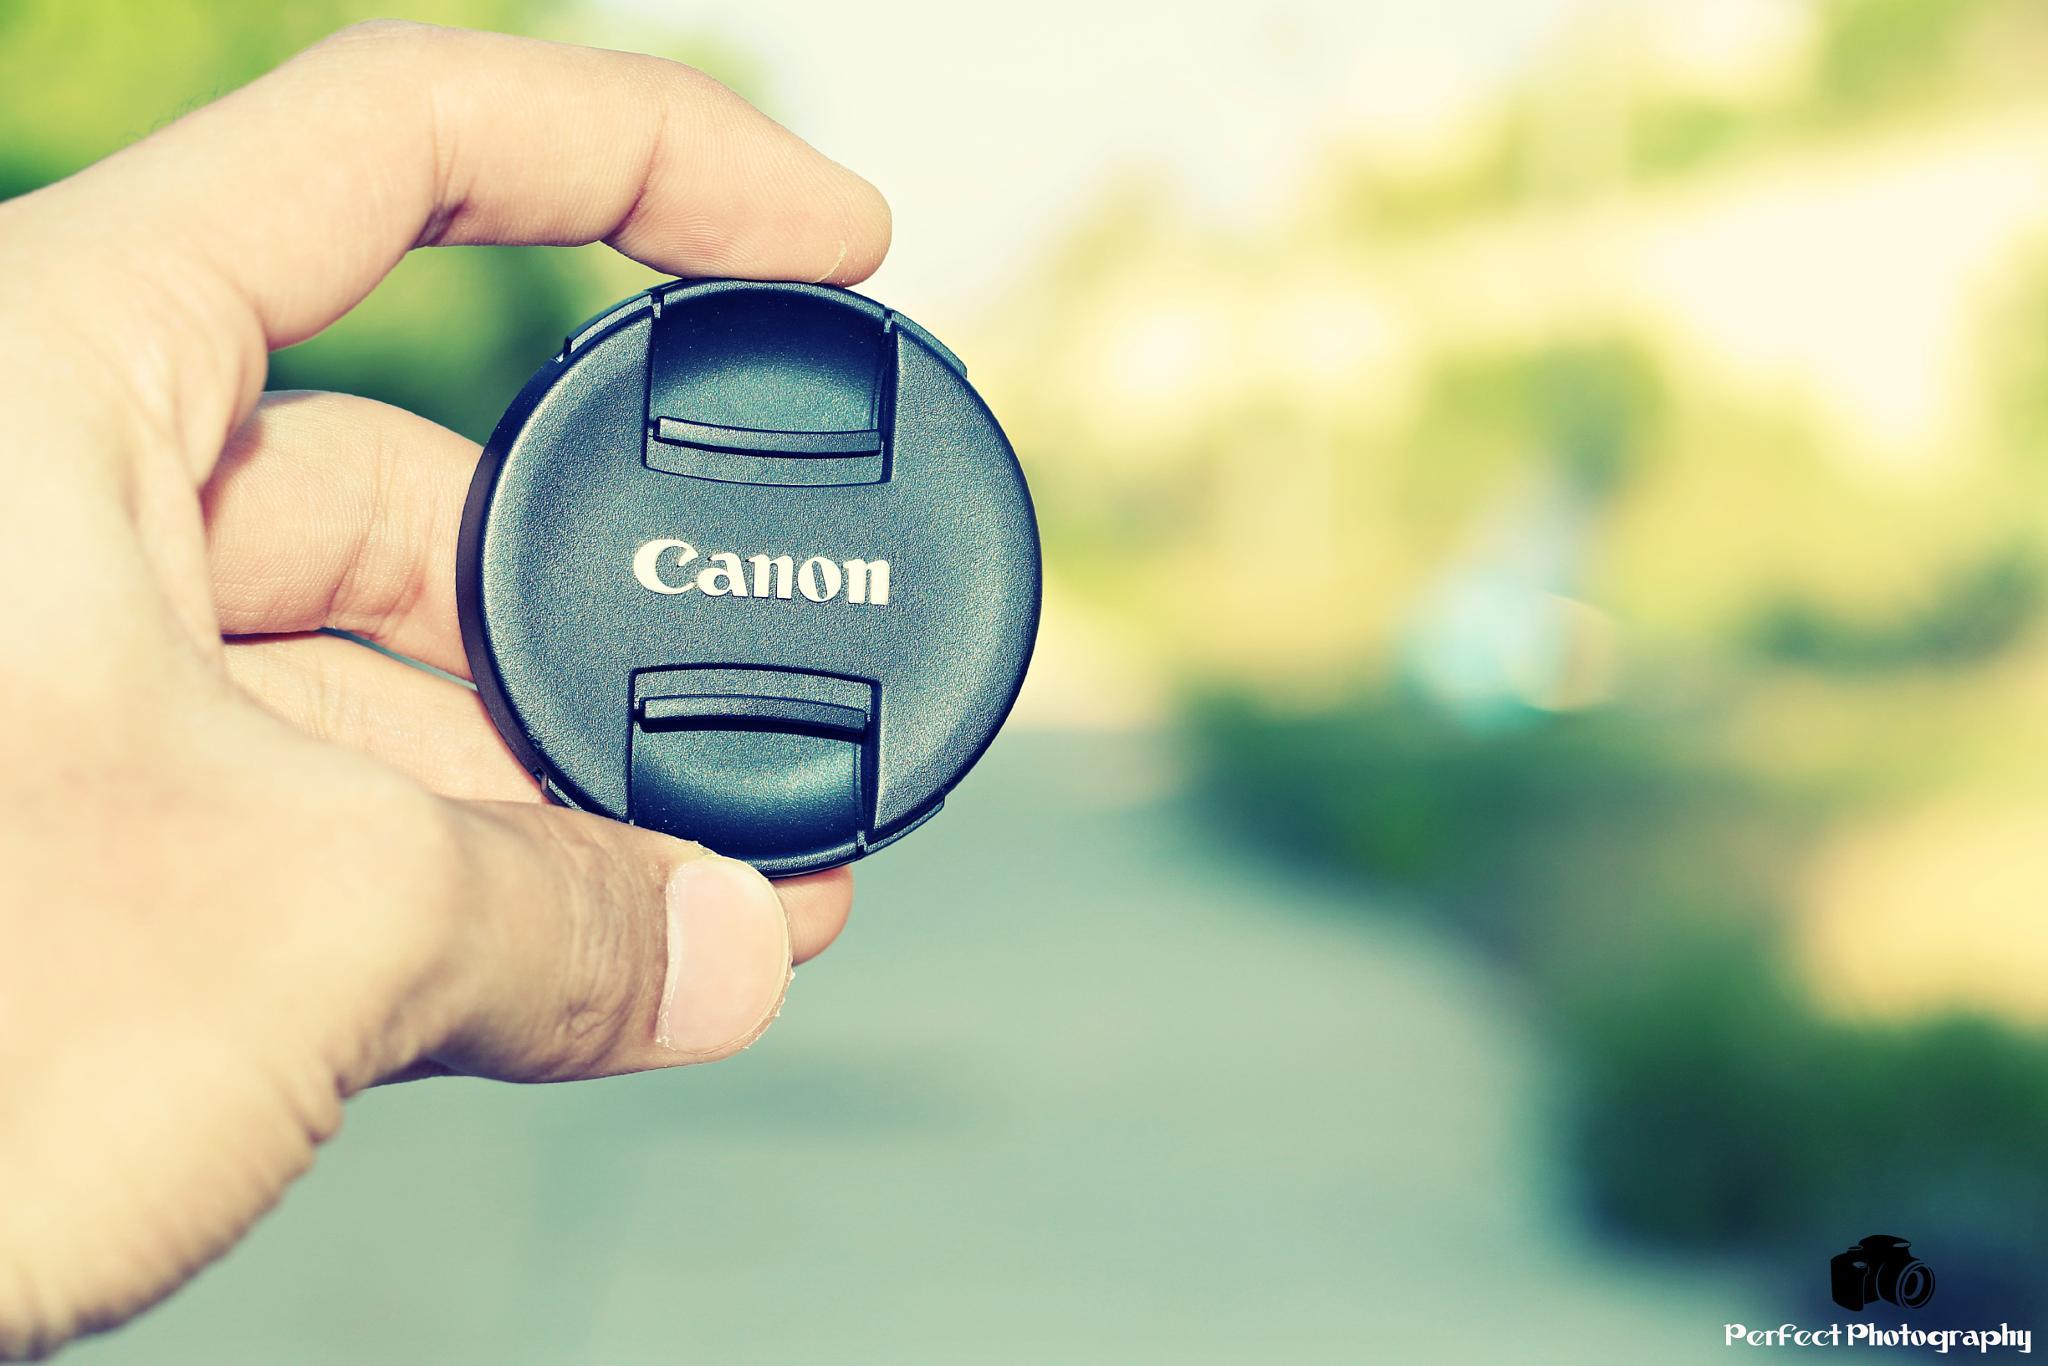 My lens cap by mohamed yehia